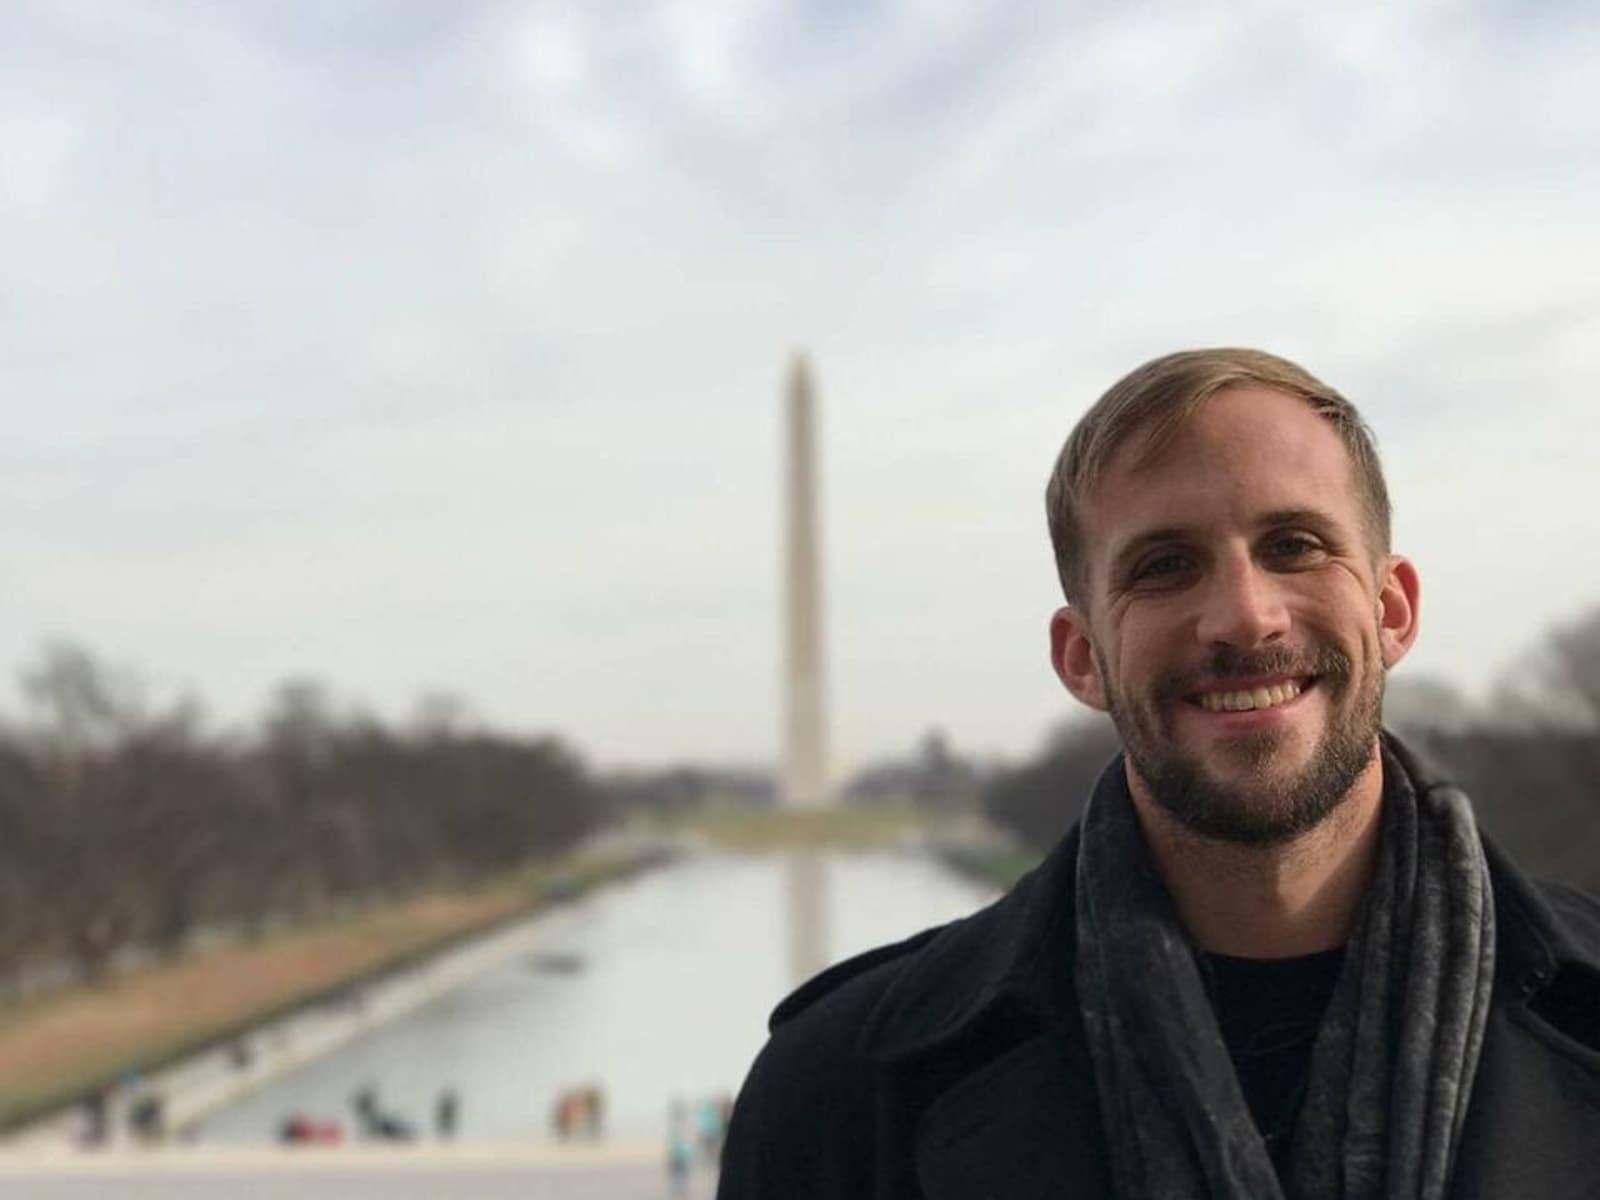 Kel from Washington, D.C., Washington, D.C., United States